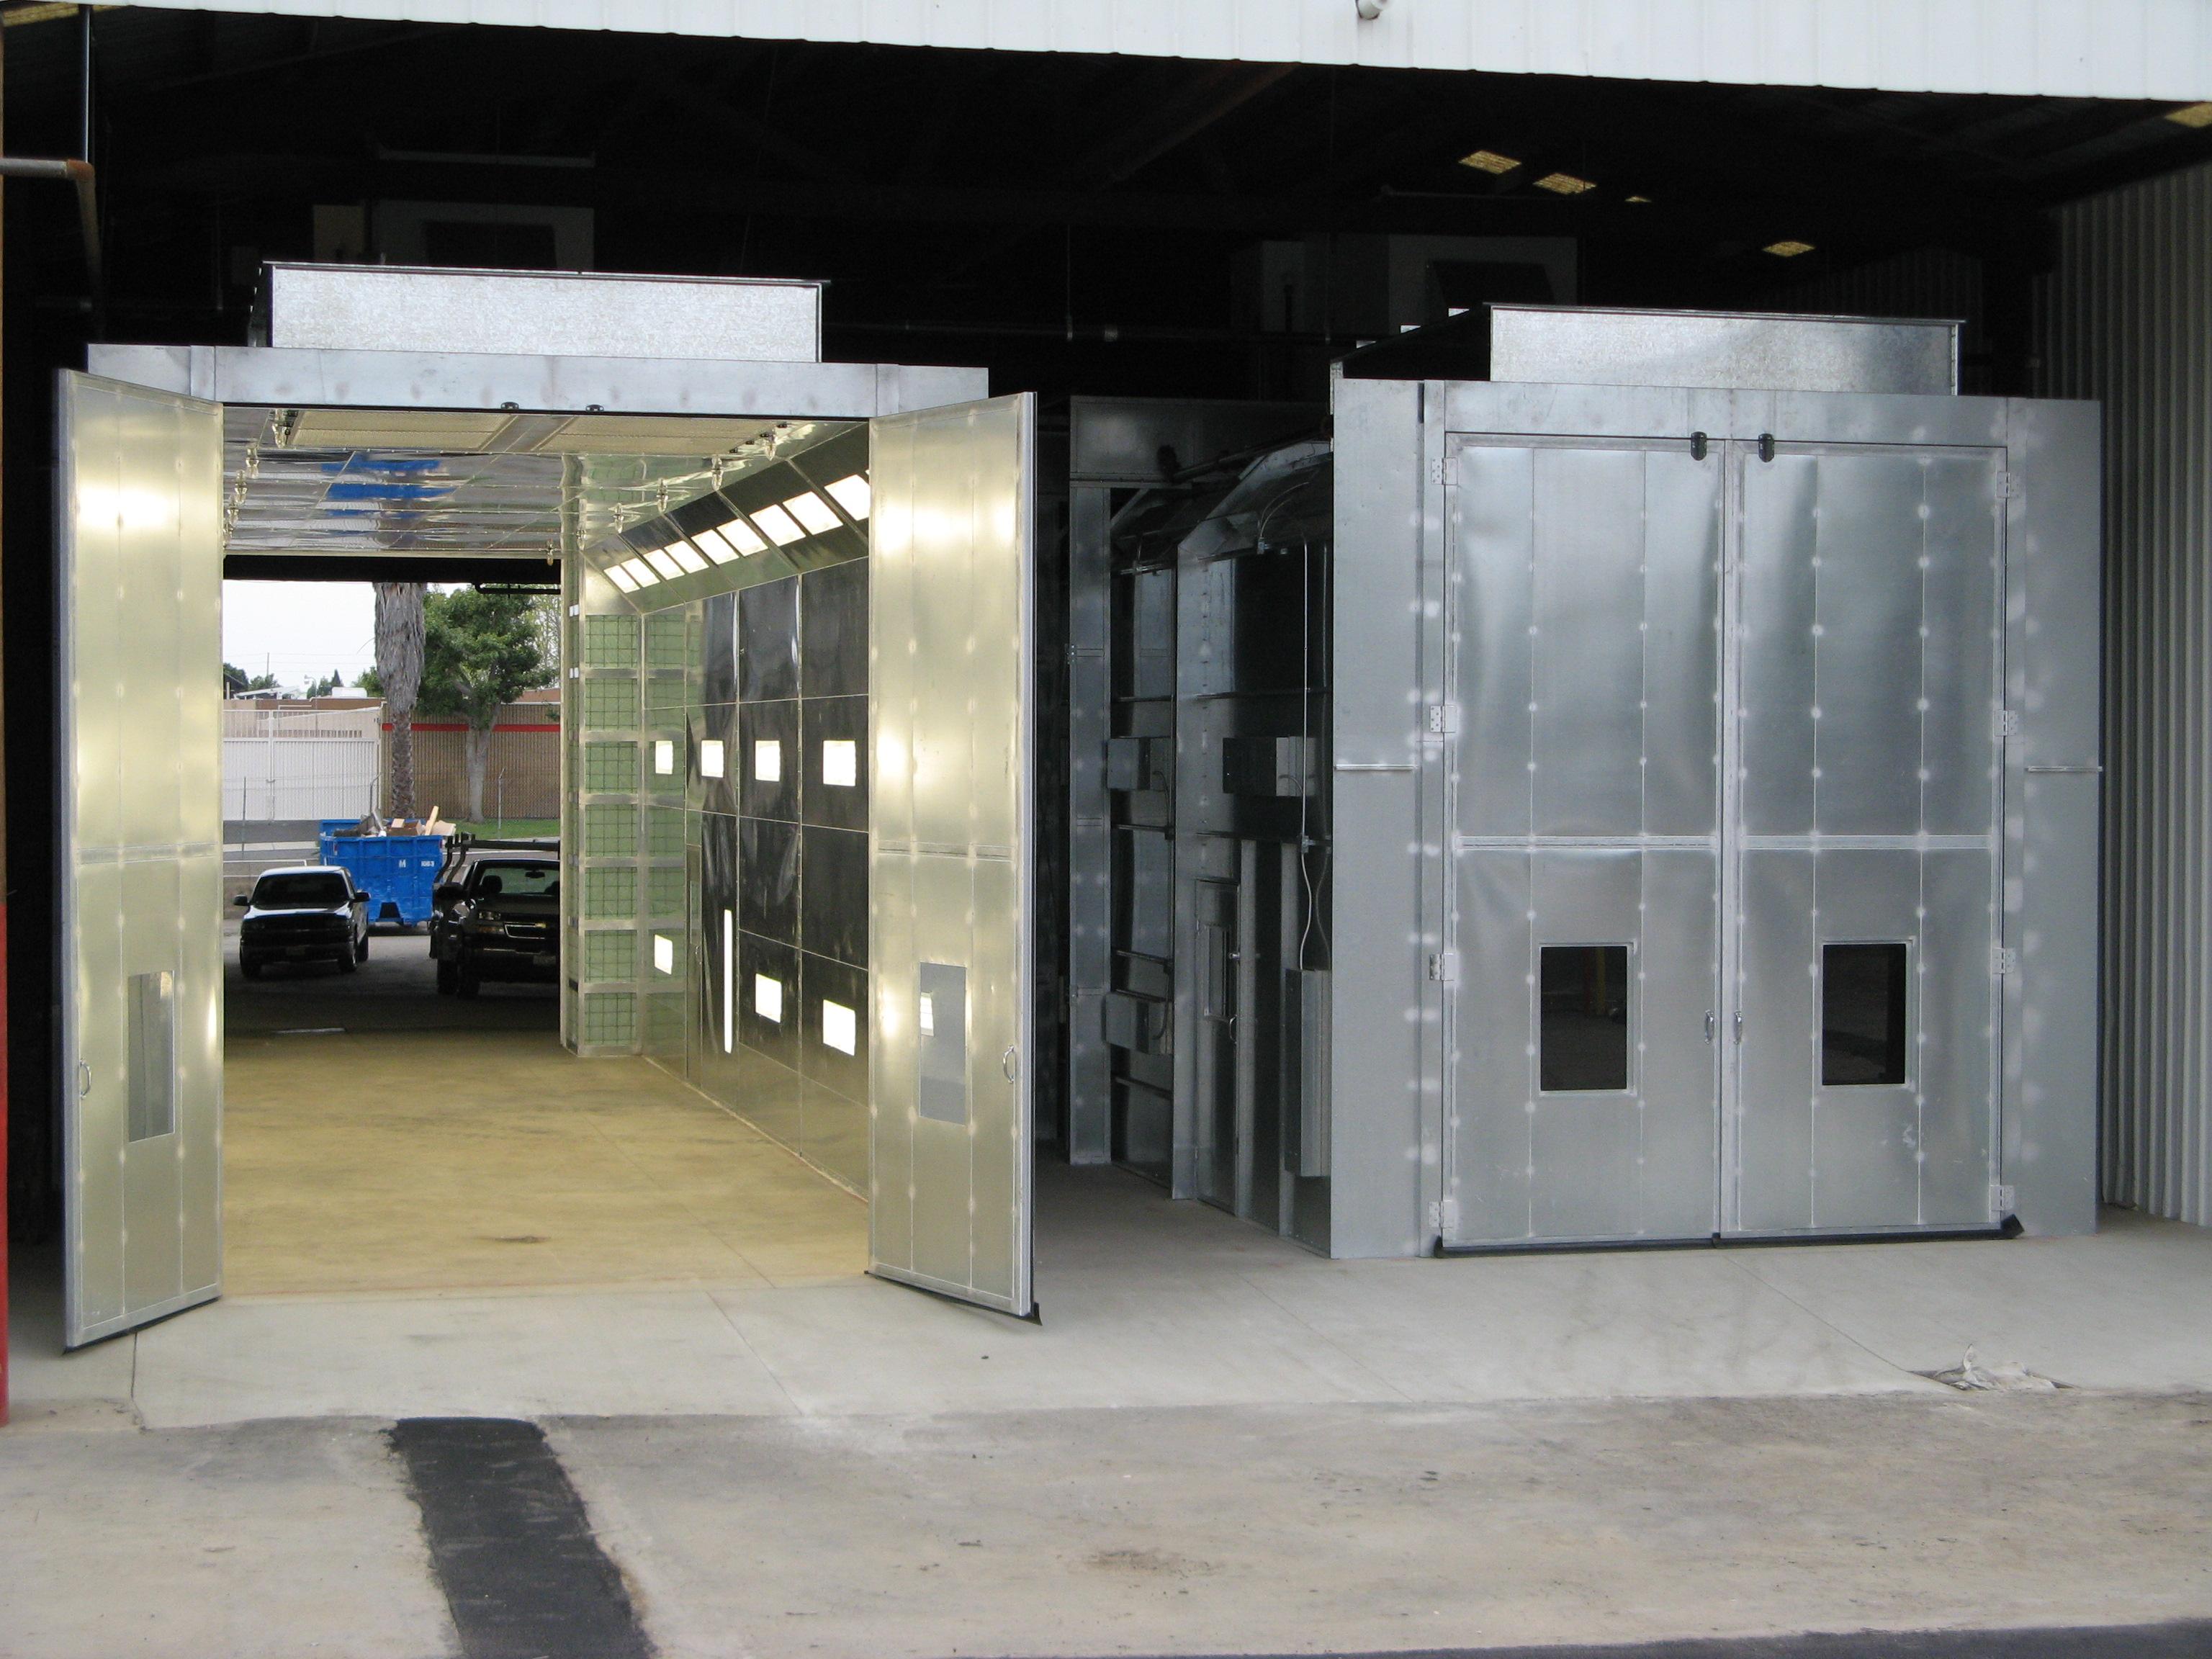 Krystal truck booth pics 023